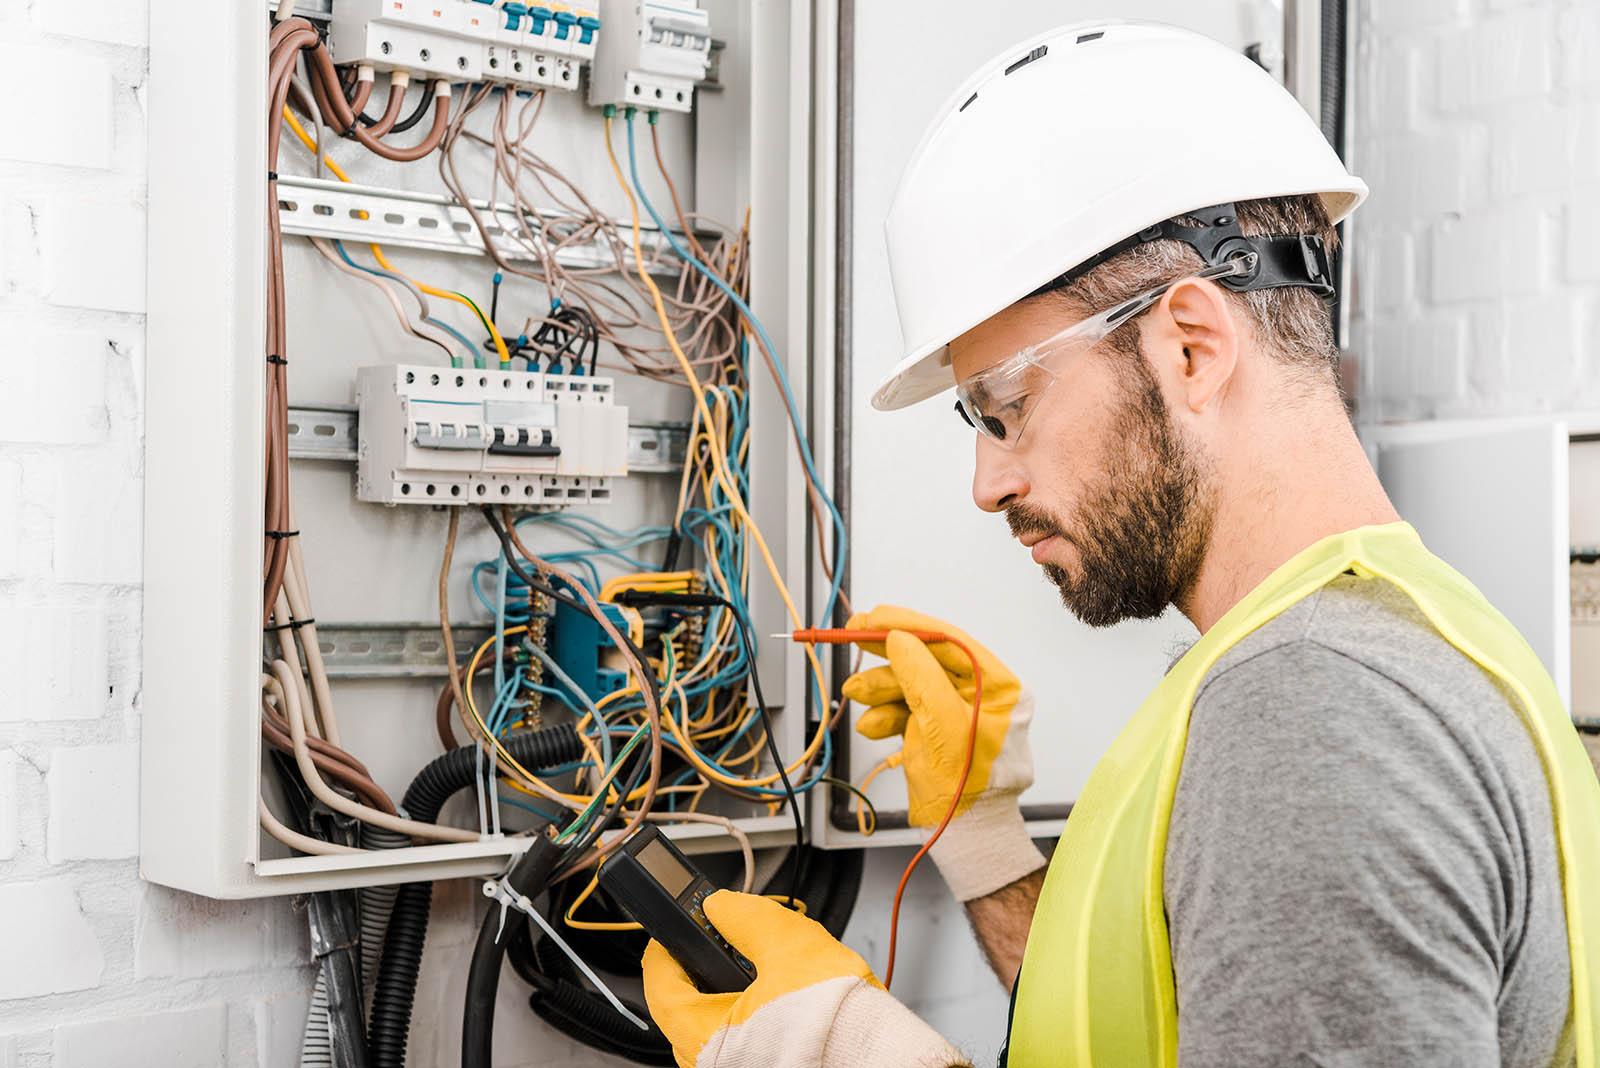 En elektriker i vit hjälm jobbar vid ett elskåp.